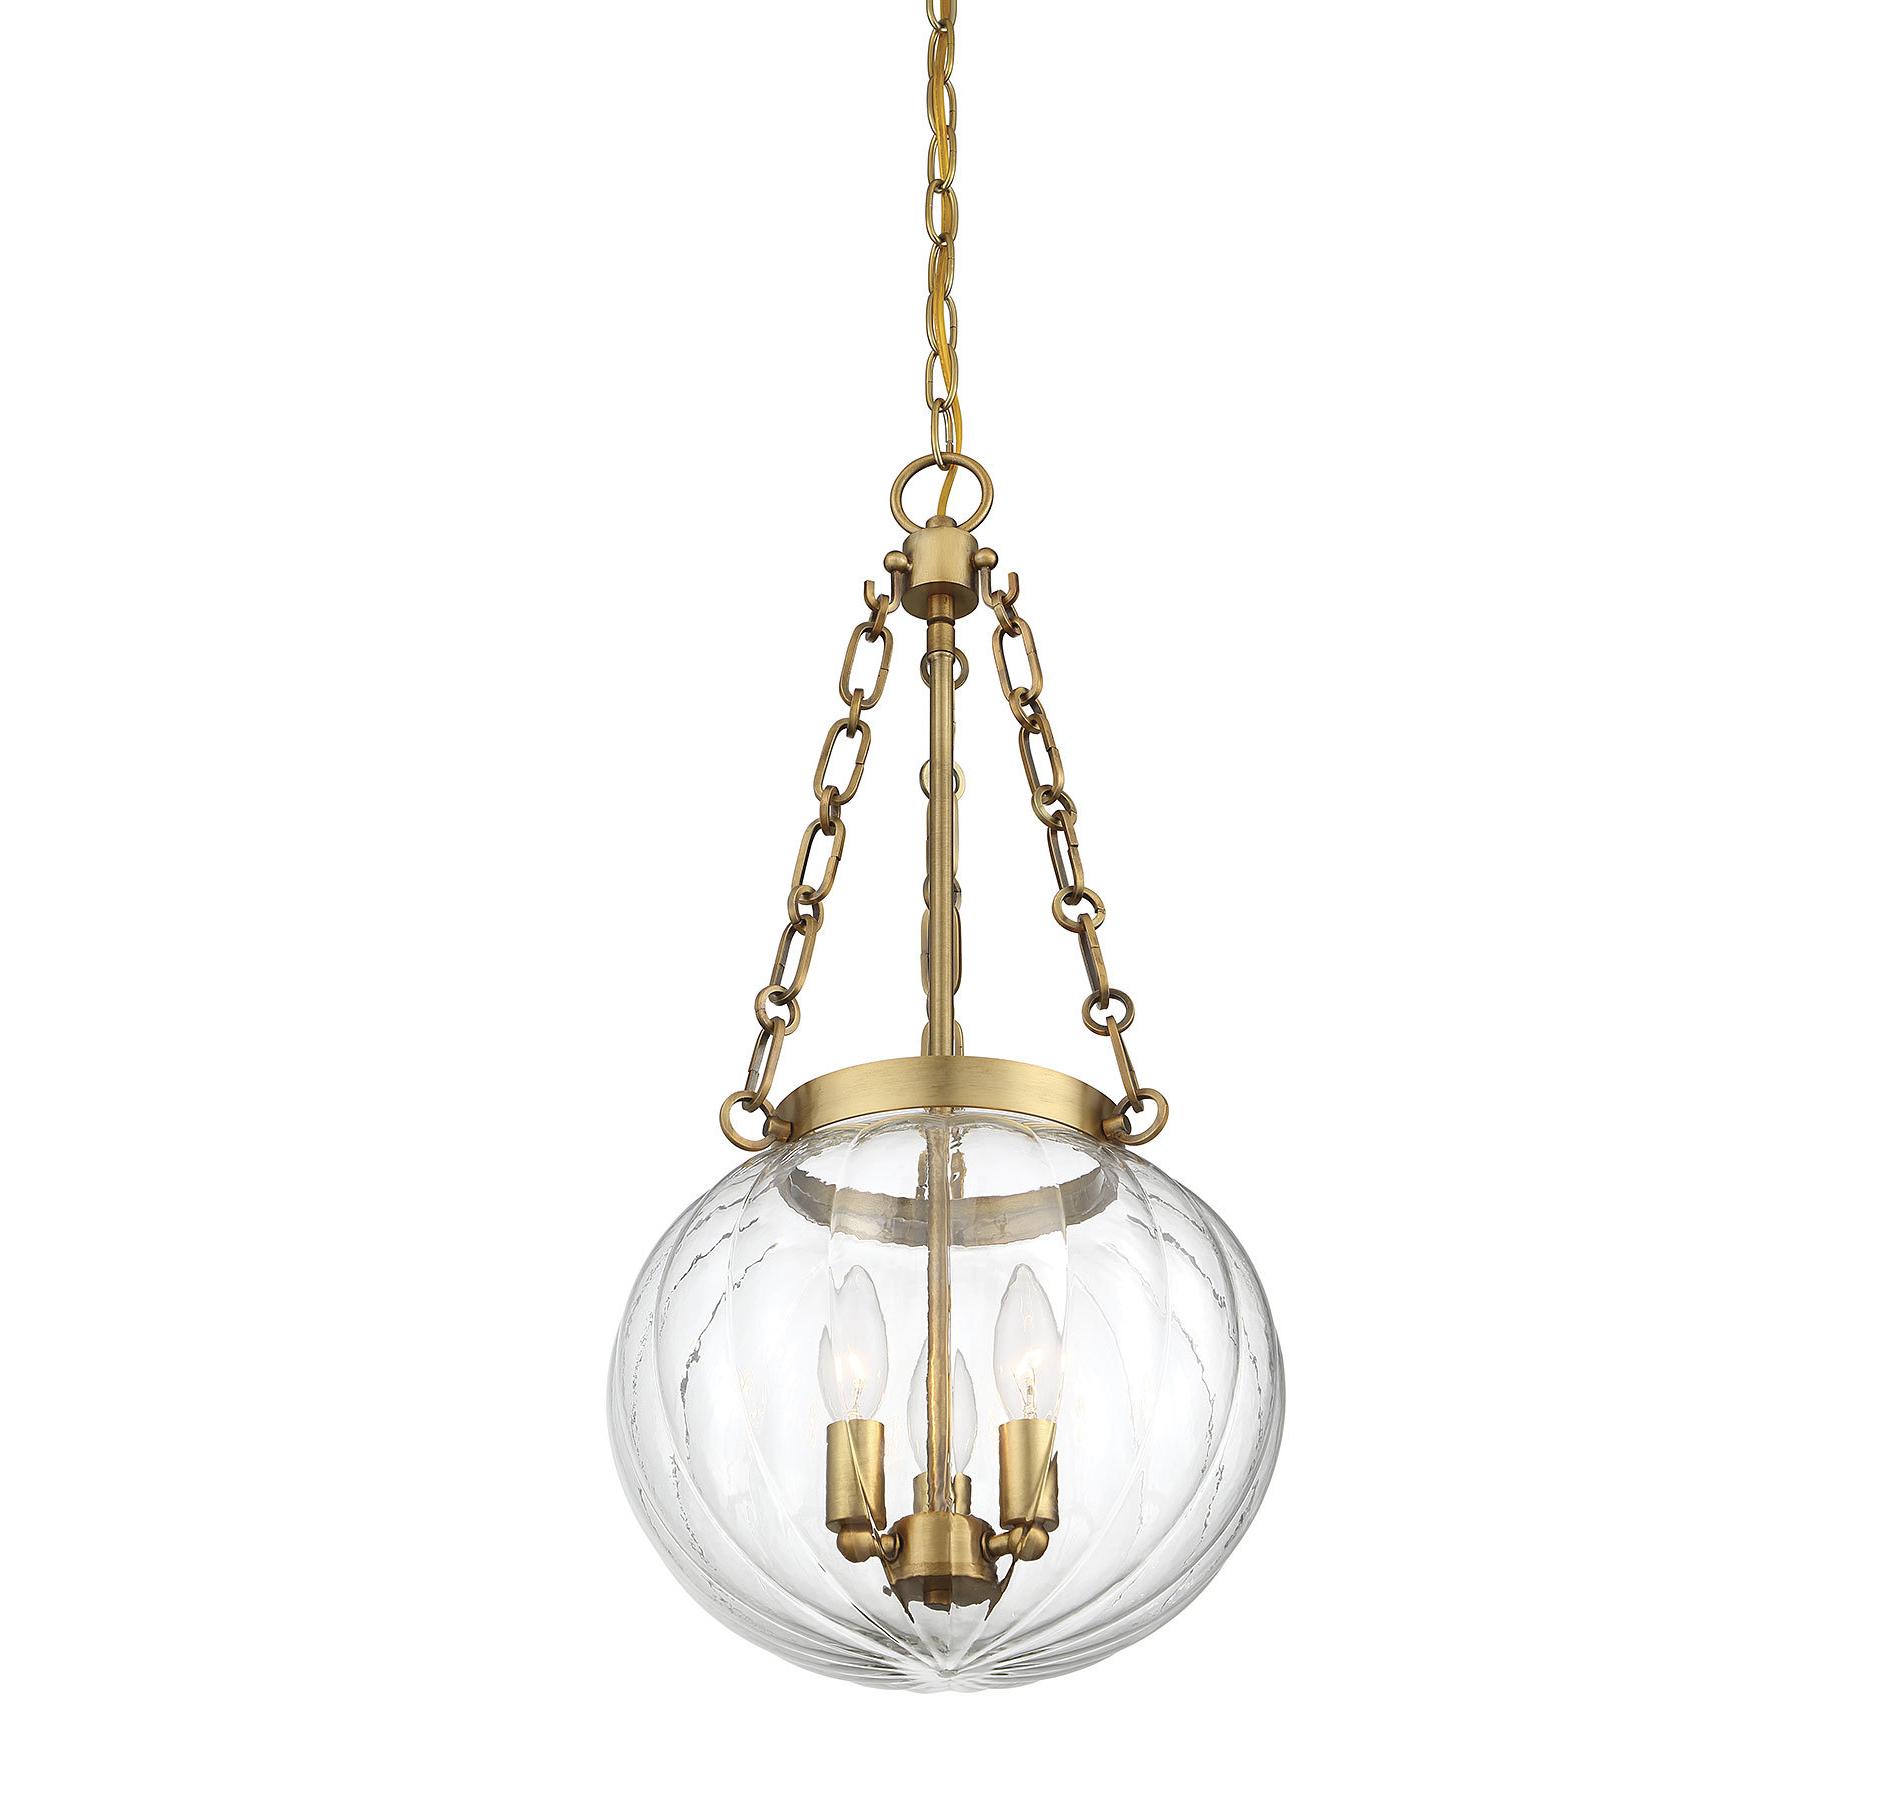 Emrick 3 Light Single Globe Pendant Intended For Well Liked Kilby 1 Light Pendants (Gallery 12 of 20)